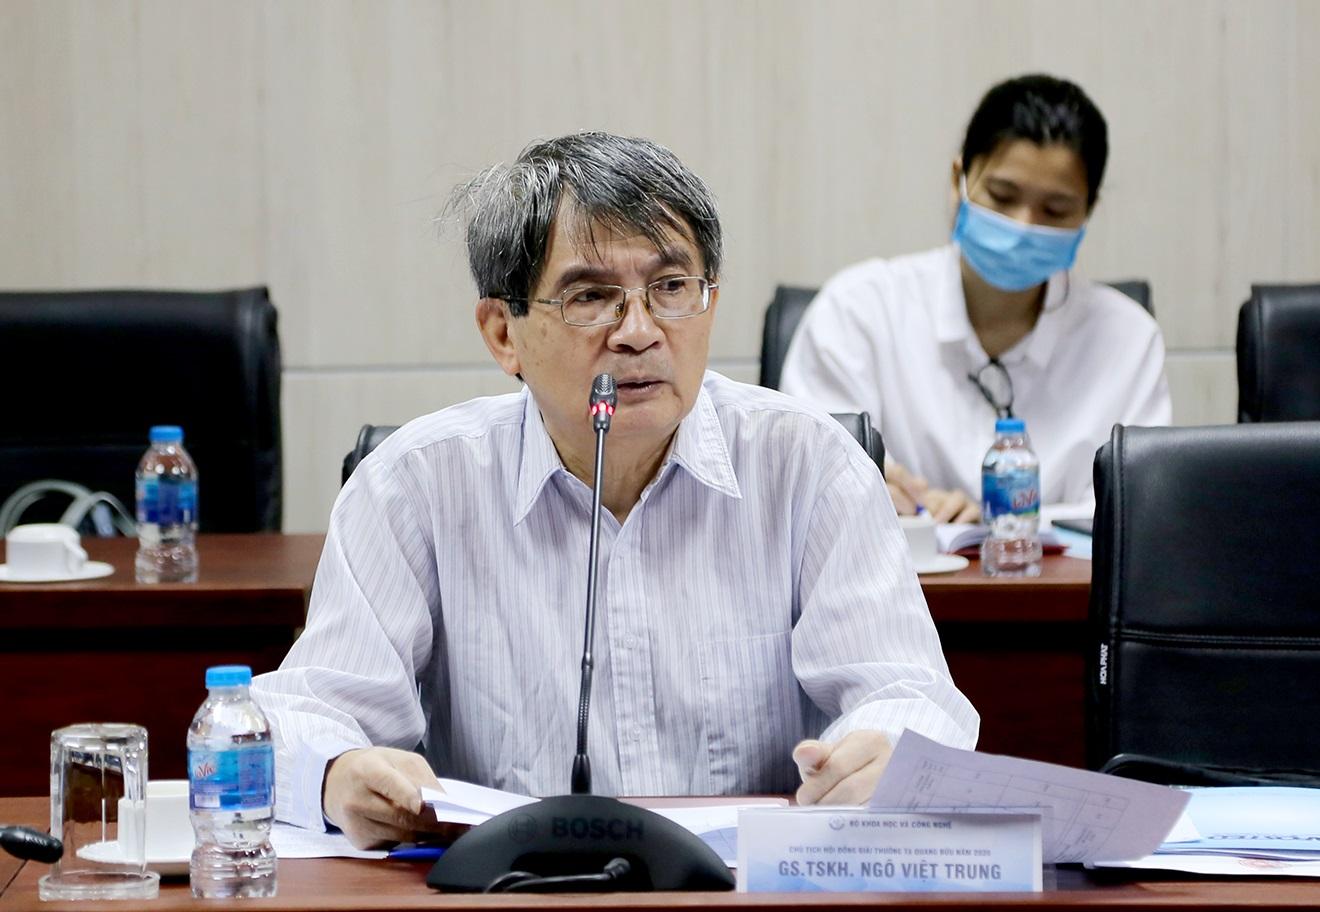 GS. Ngô Việt Trung